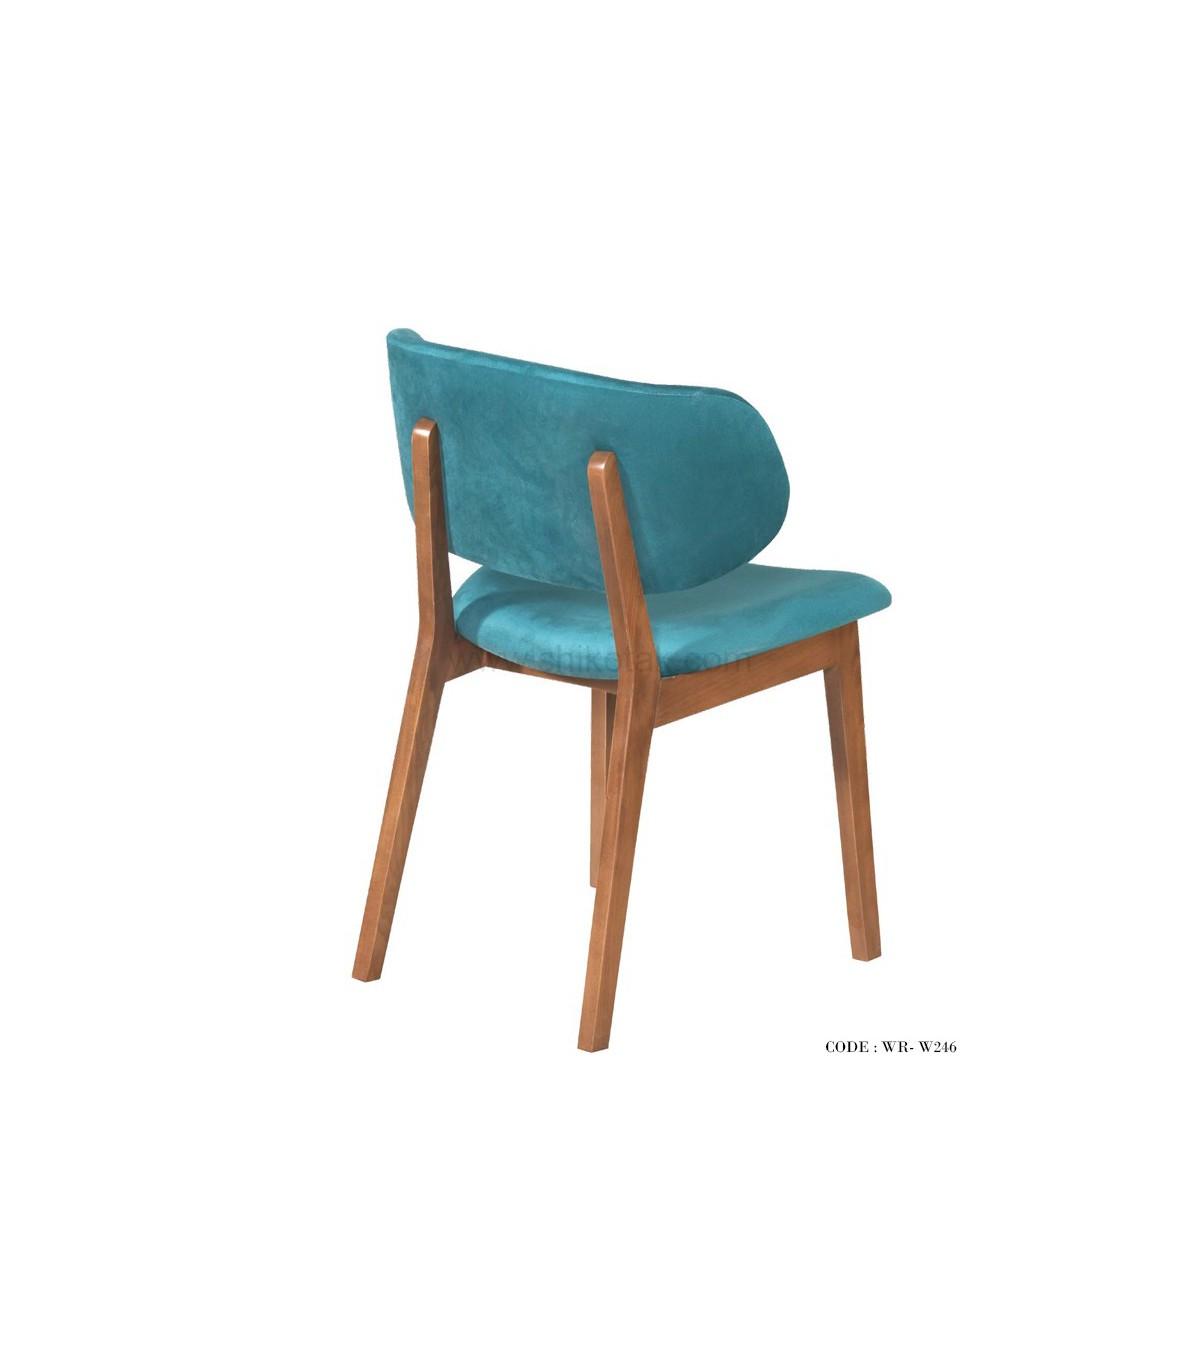 نمای پشت صندلی ست ناهار خوری طرح میز ضربدری